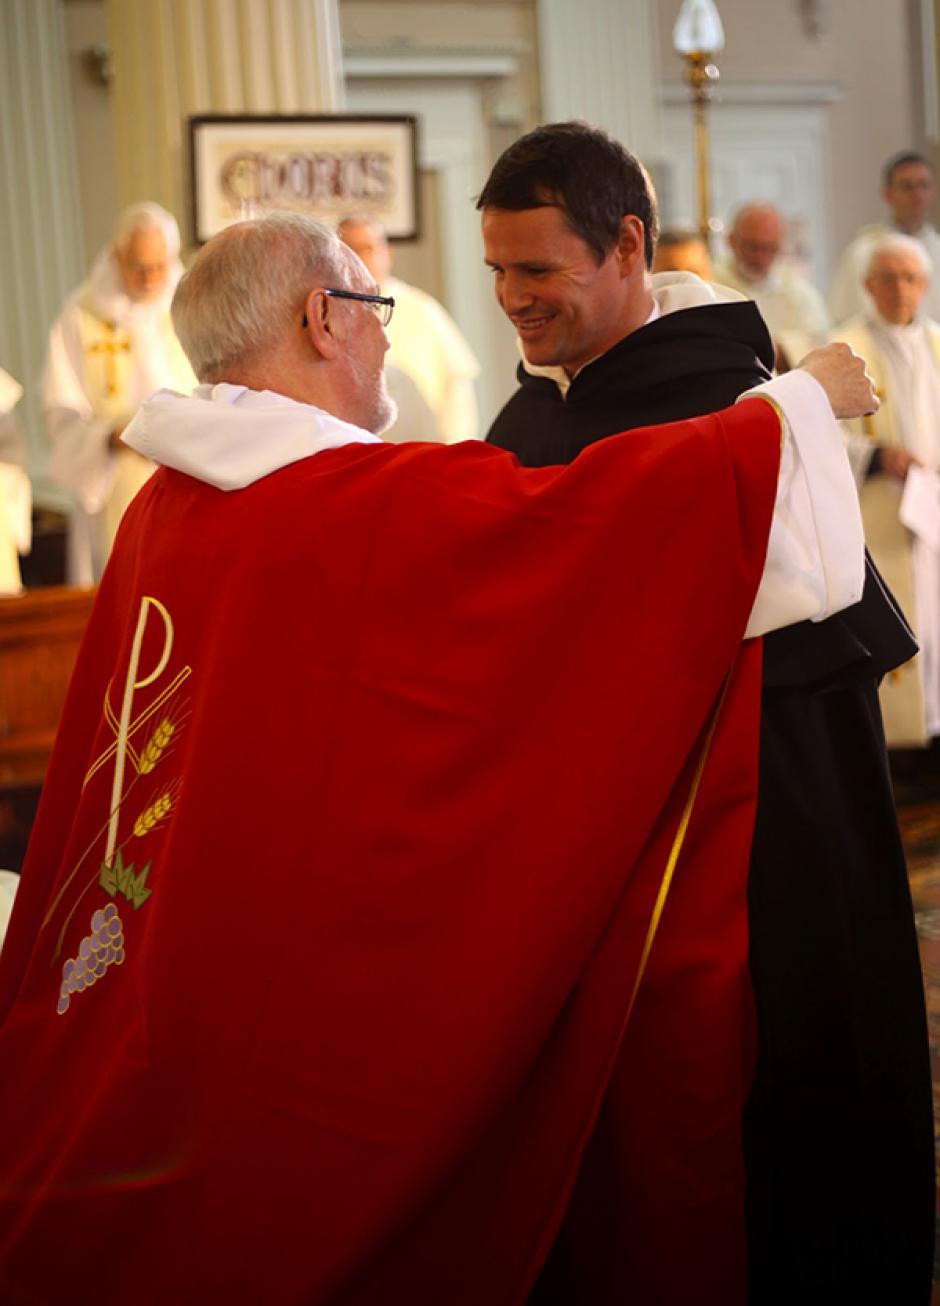 El exjugador del Manchester podría ser ordenado sacerdote en 2017. (Foto: irishdominicanvocations)